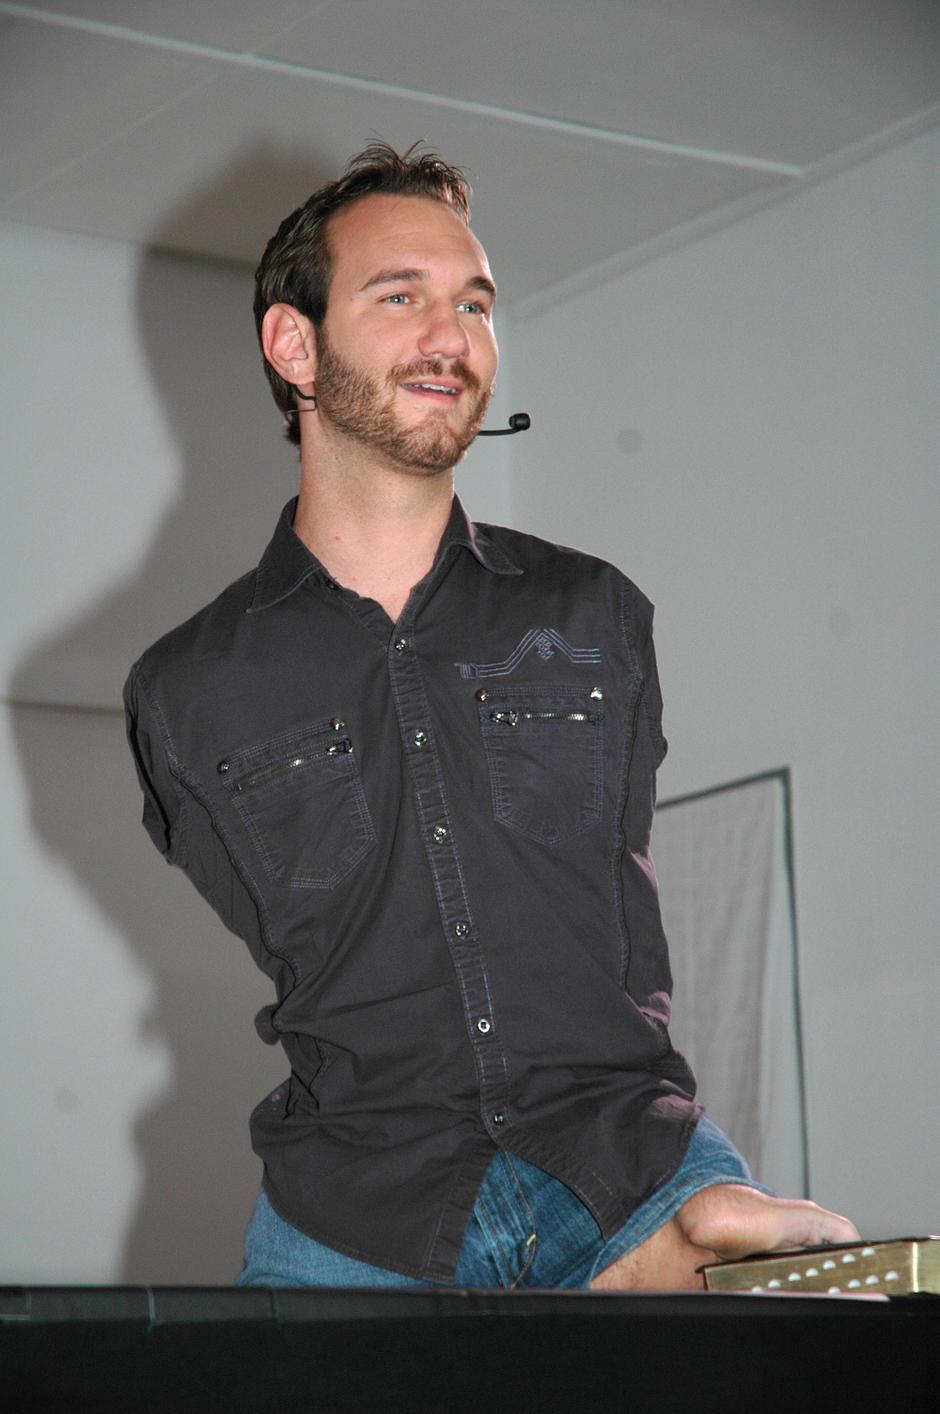 Nick Vujicic, motivacijski govornik   Author: Wickipedia